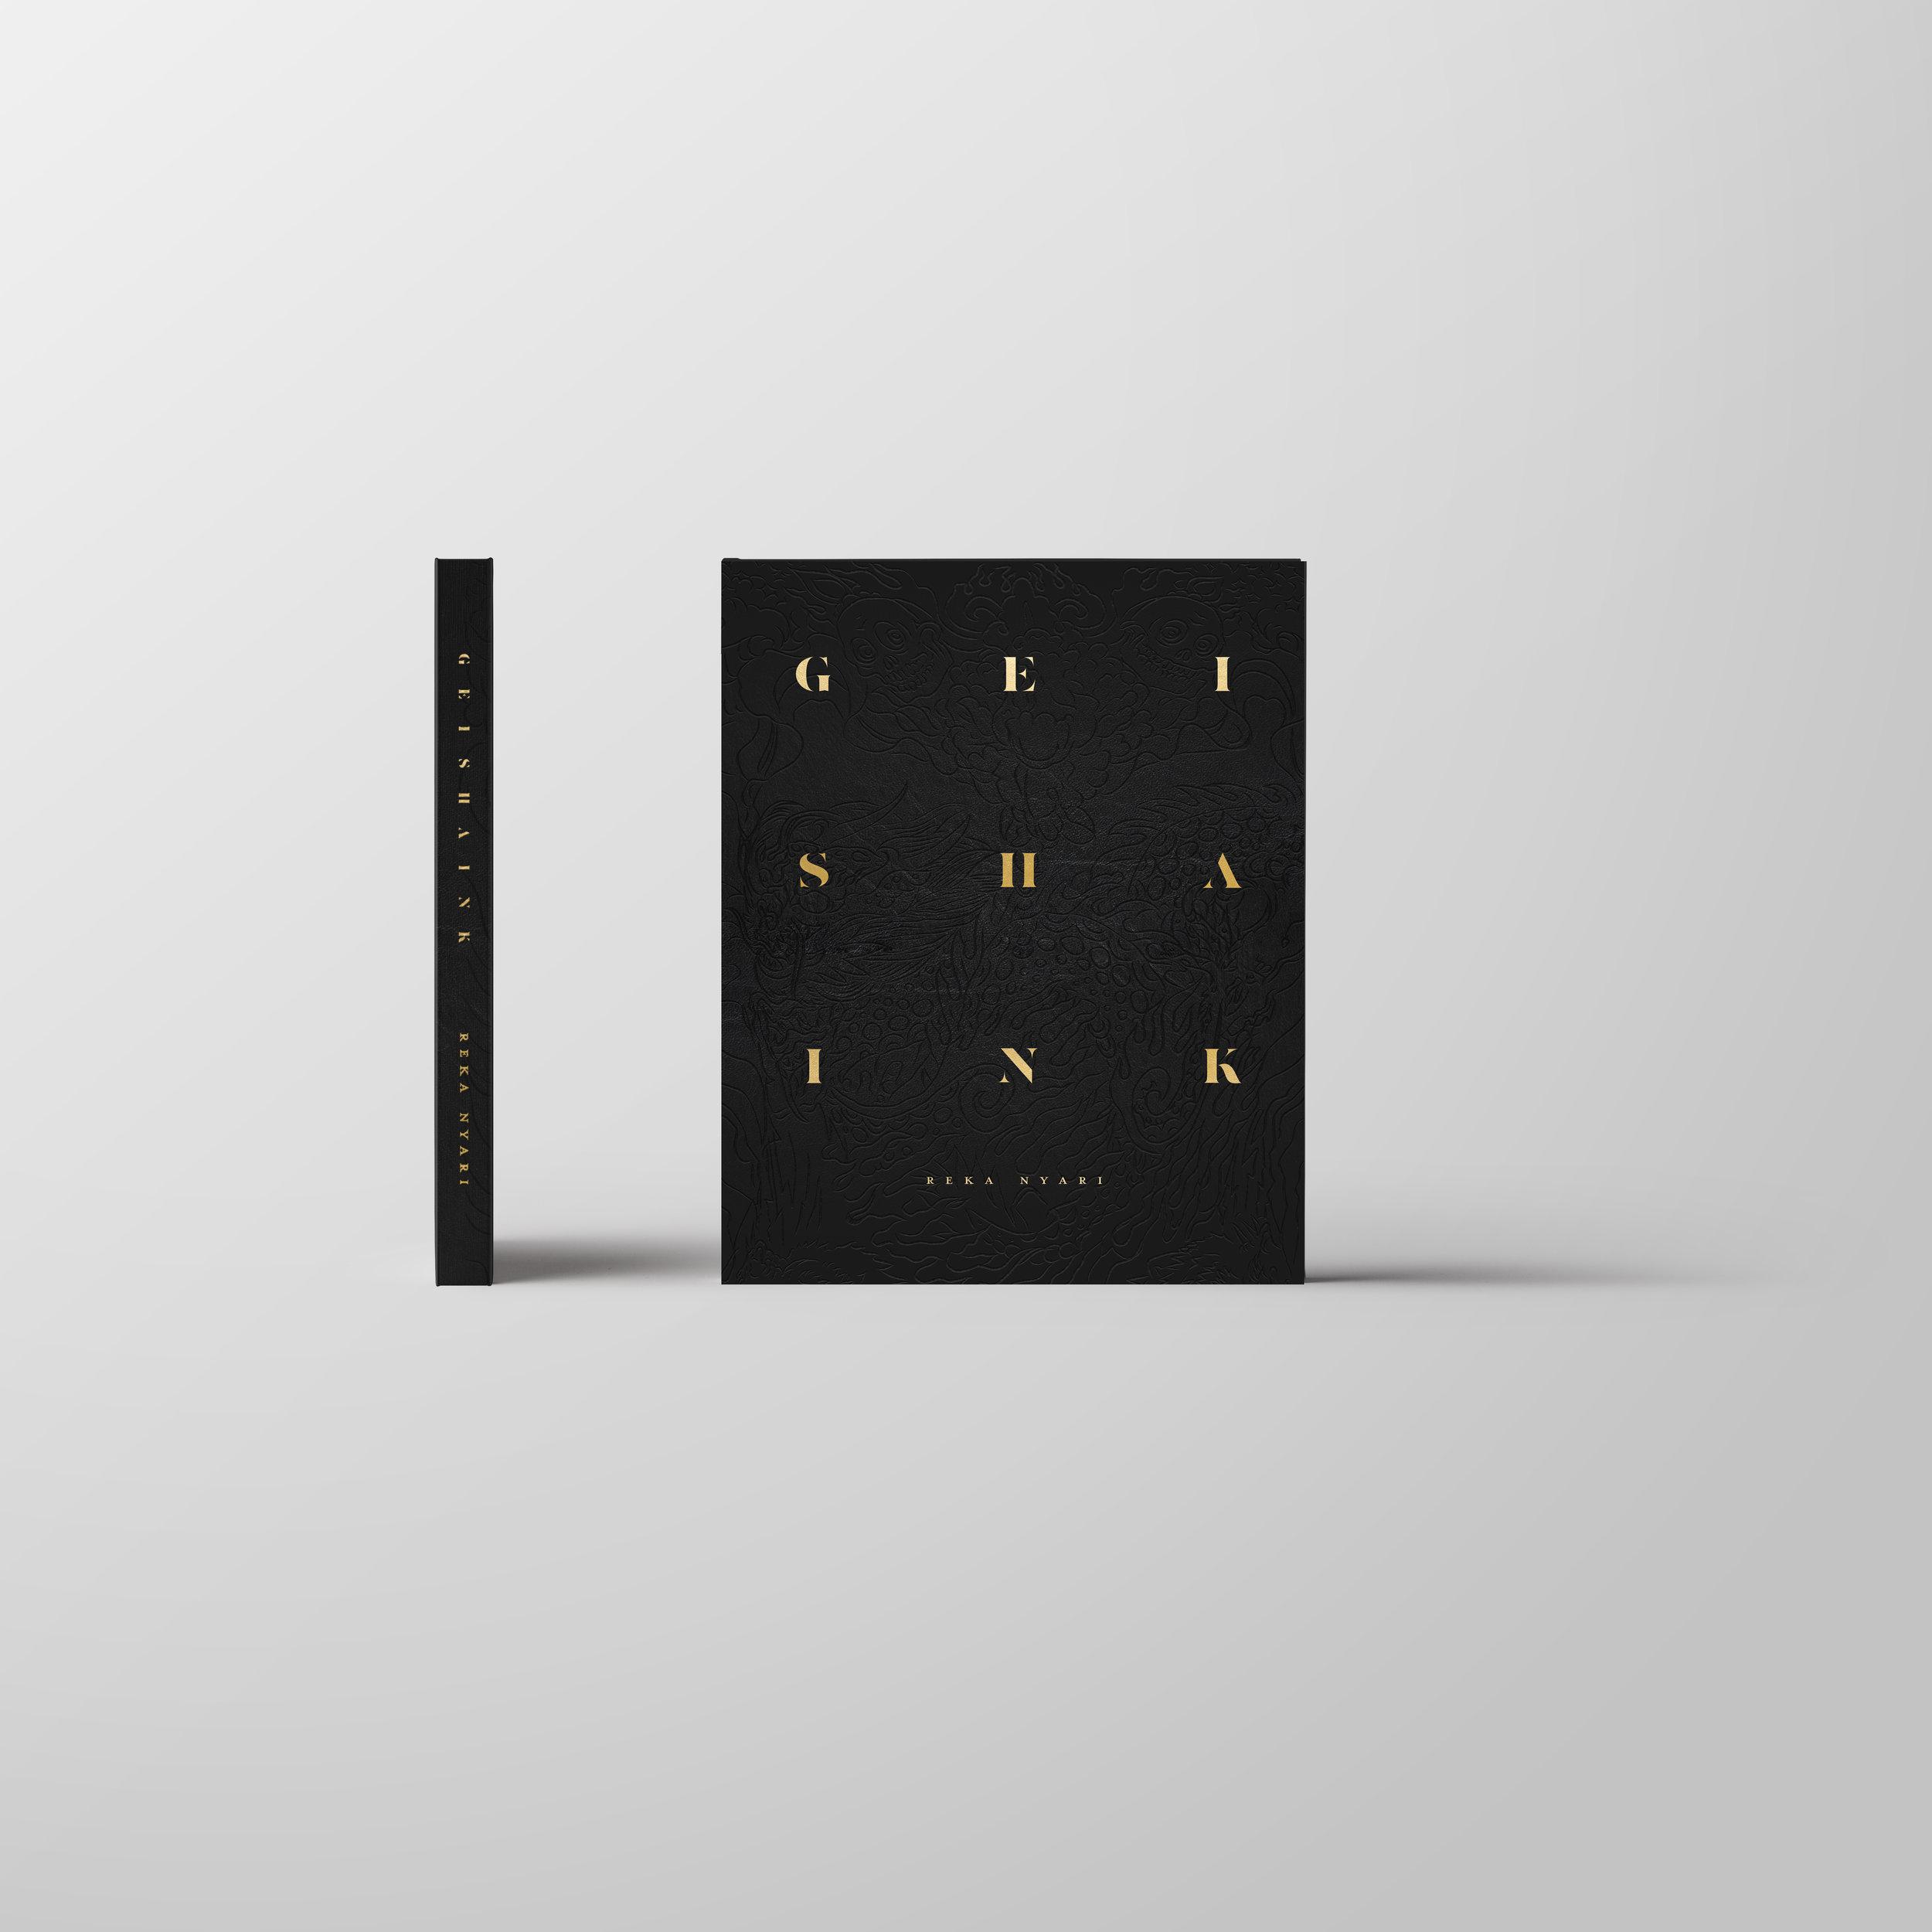 GEISHA INK BOOK, reka nyari, fine art book, geisha ink